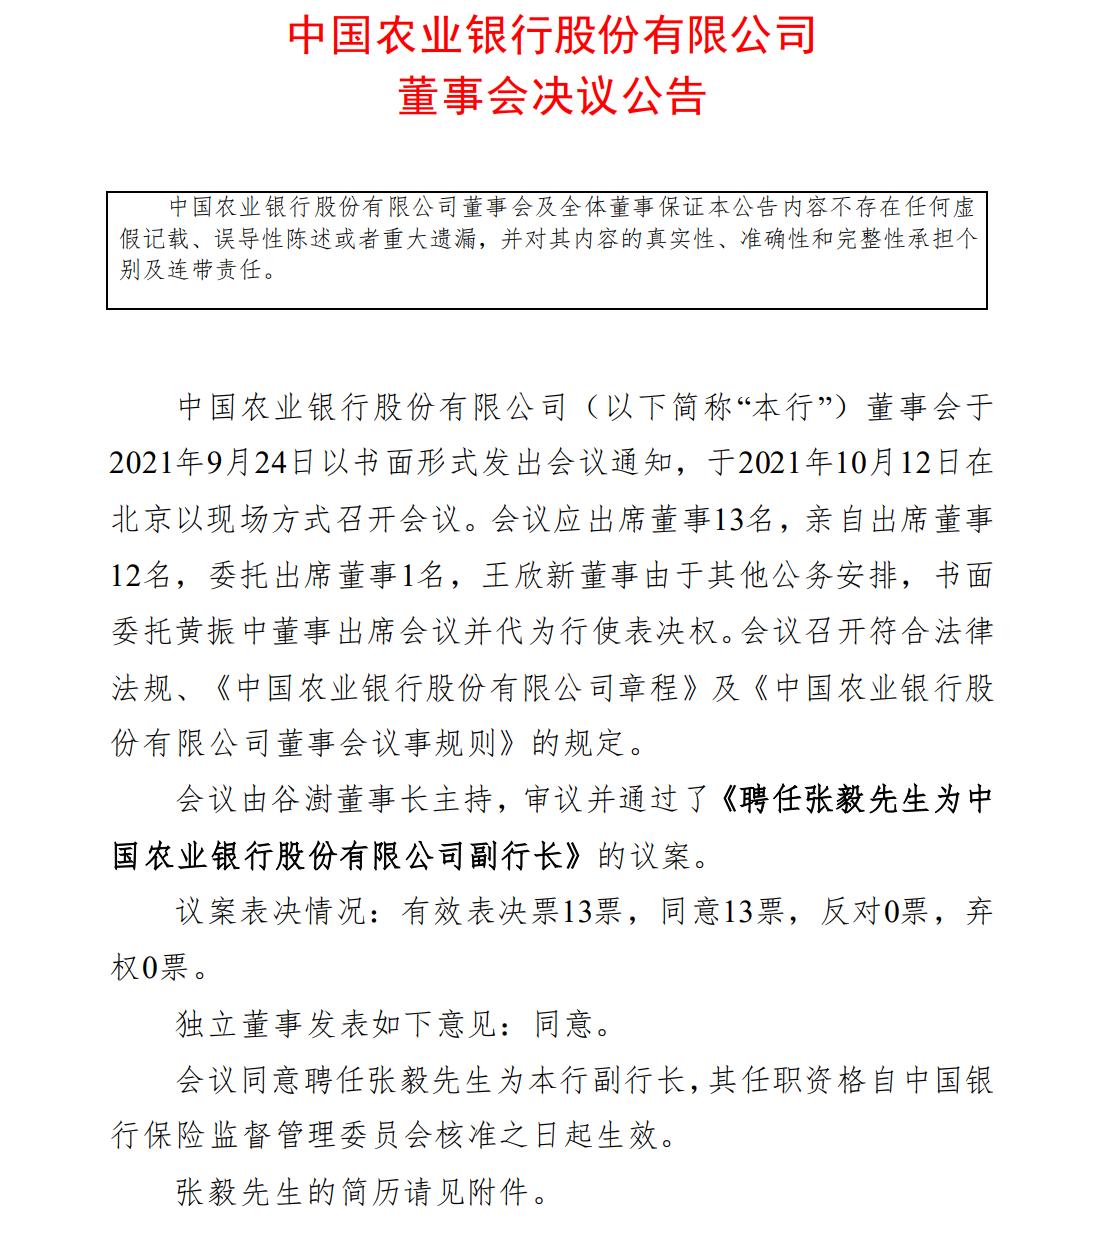 农业银行:同意聘任张毅为副行长